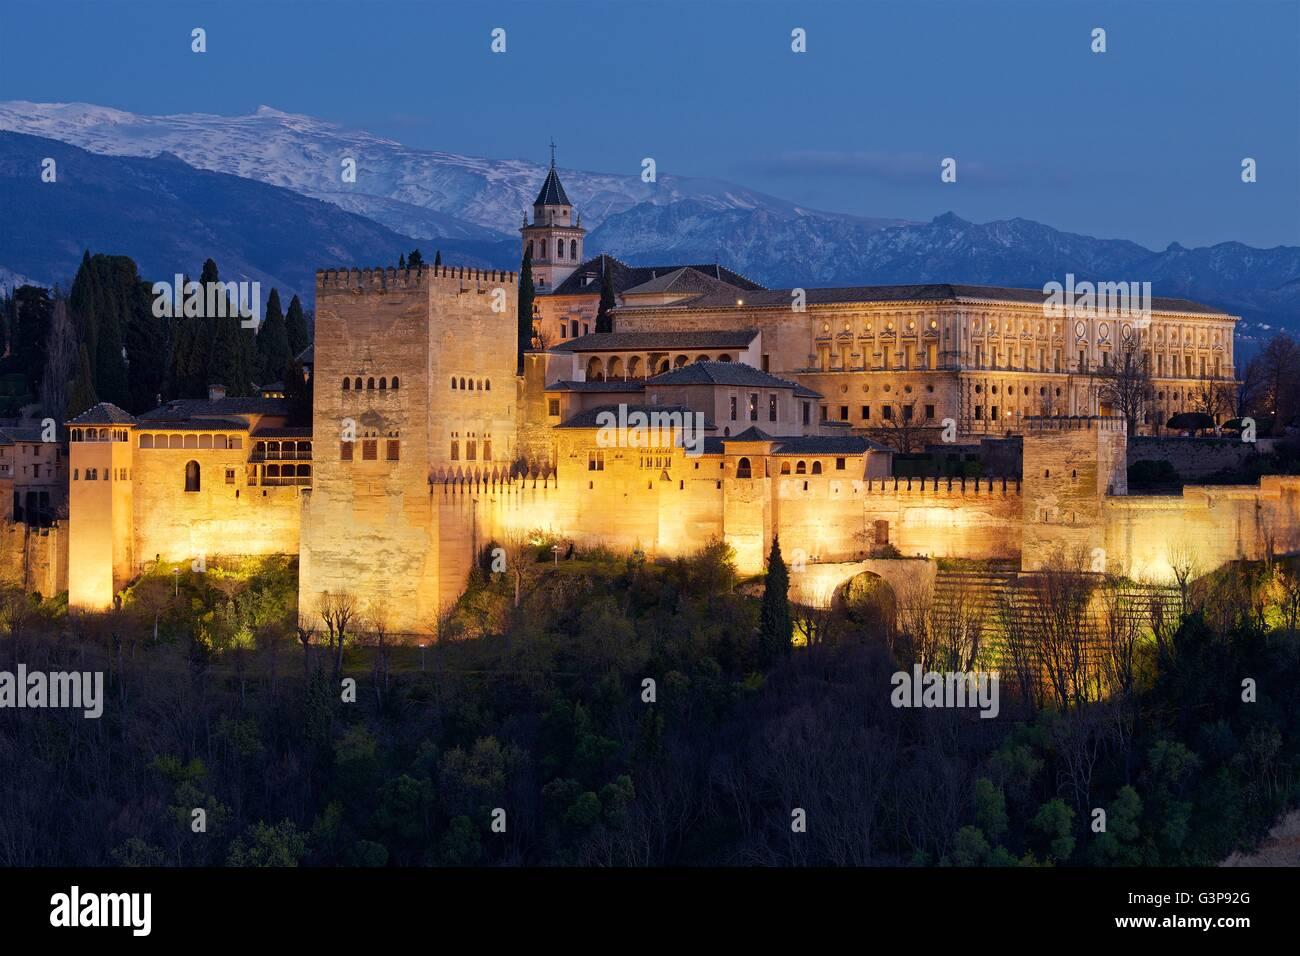 Una noche imagen tomada desde el Mirador de San Nicolás la Alhambra iluminada de noche Imagen De Stock